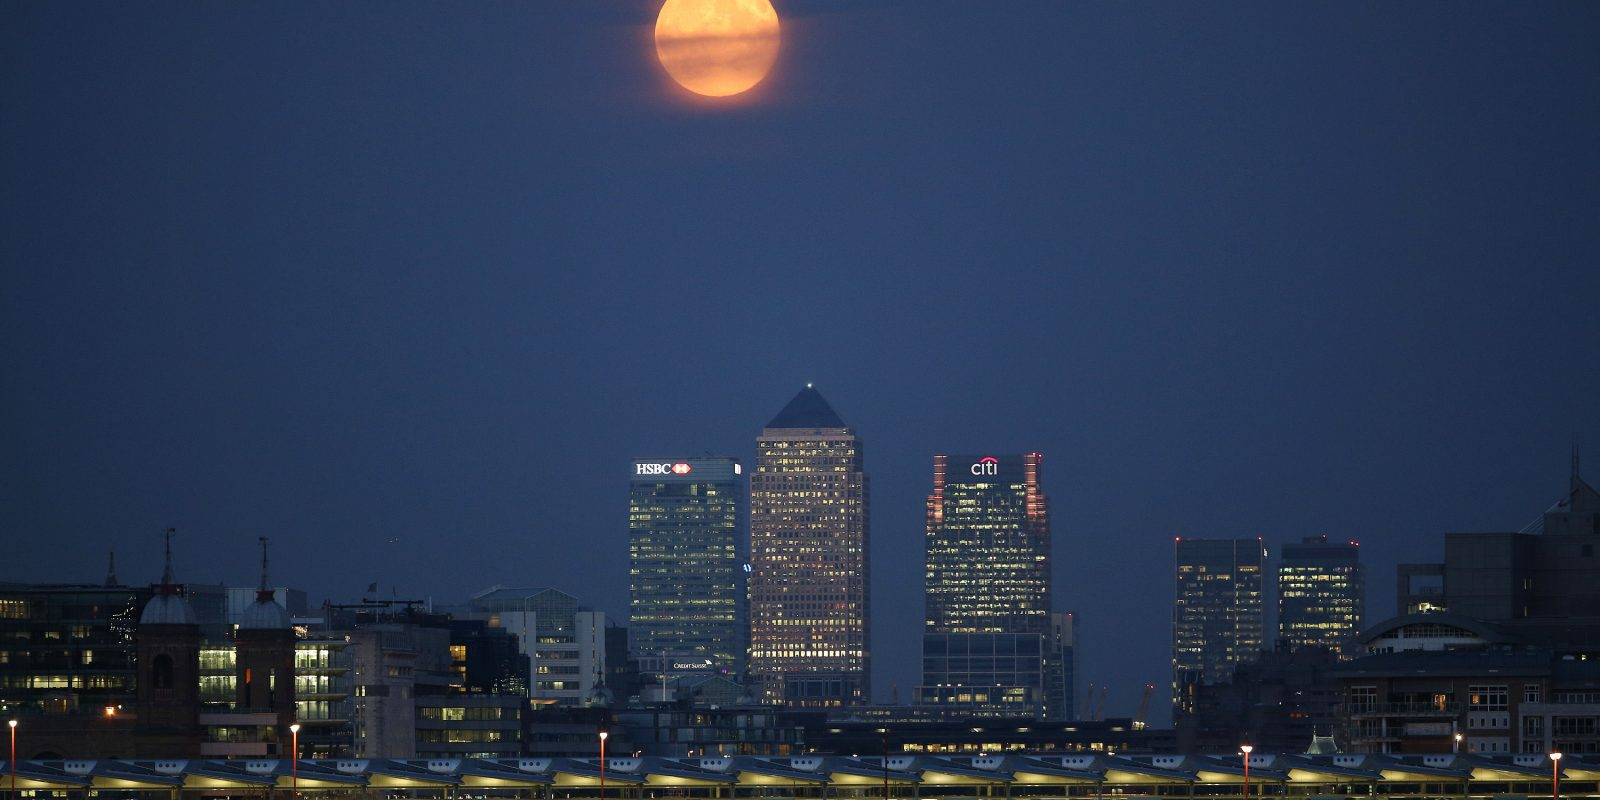 """No se pierdan la """"súNo se pierdan la """"súper luna"""" que sólo aparece una vez cada 15 años. Imagen Por: Getty Images"""